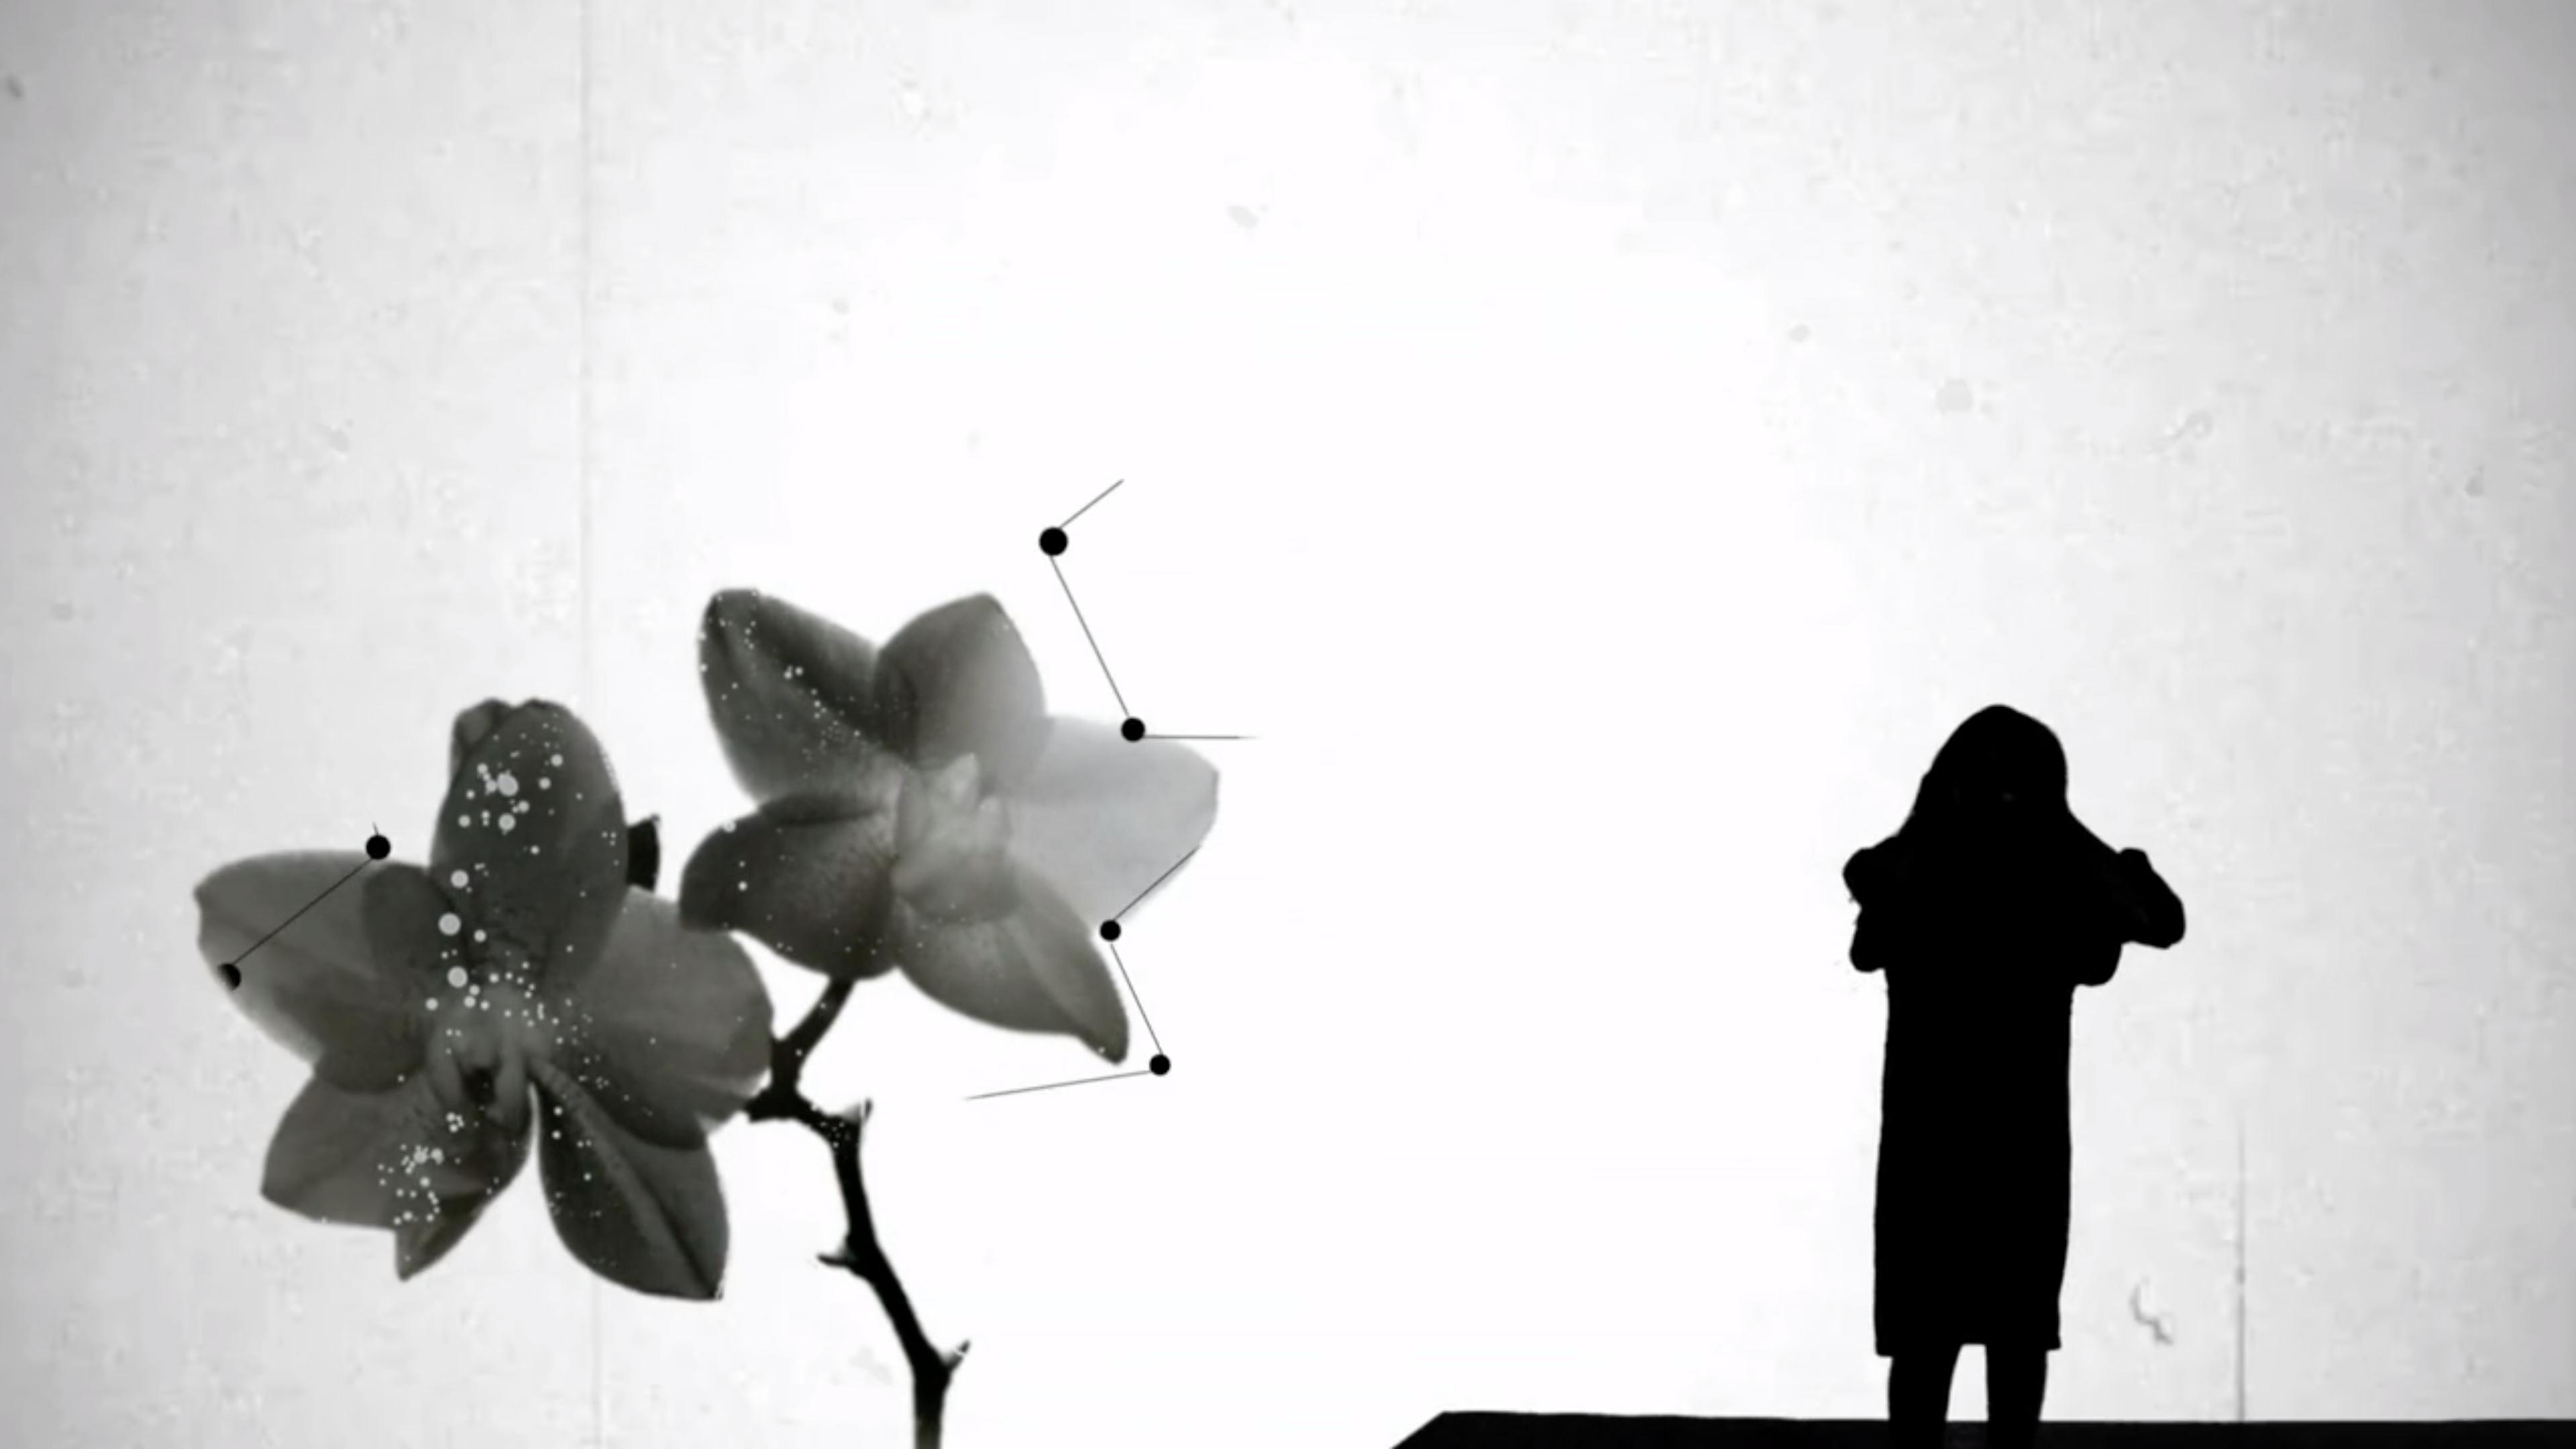 Yona Wallach | יונה וולך